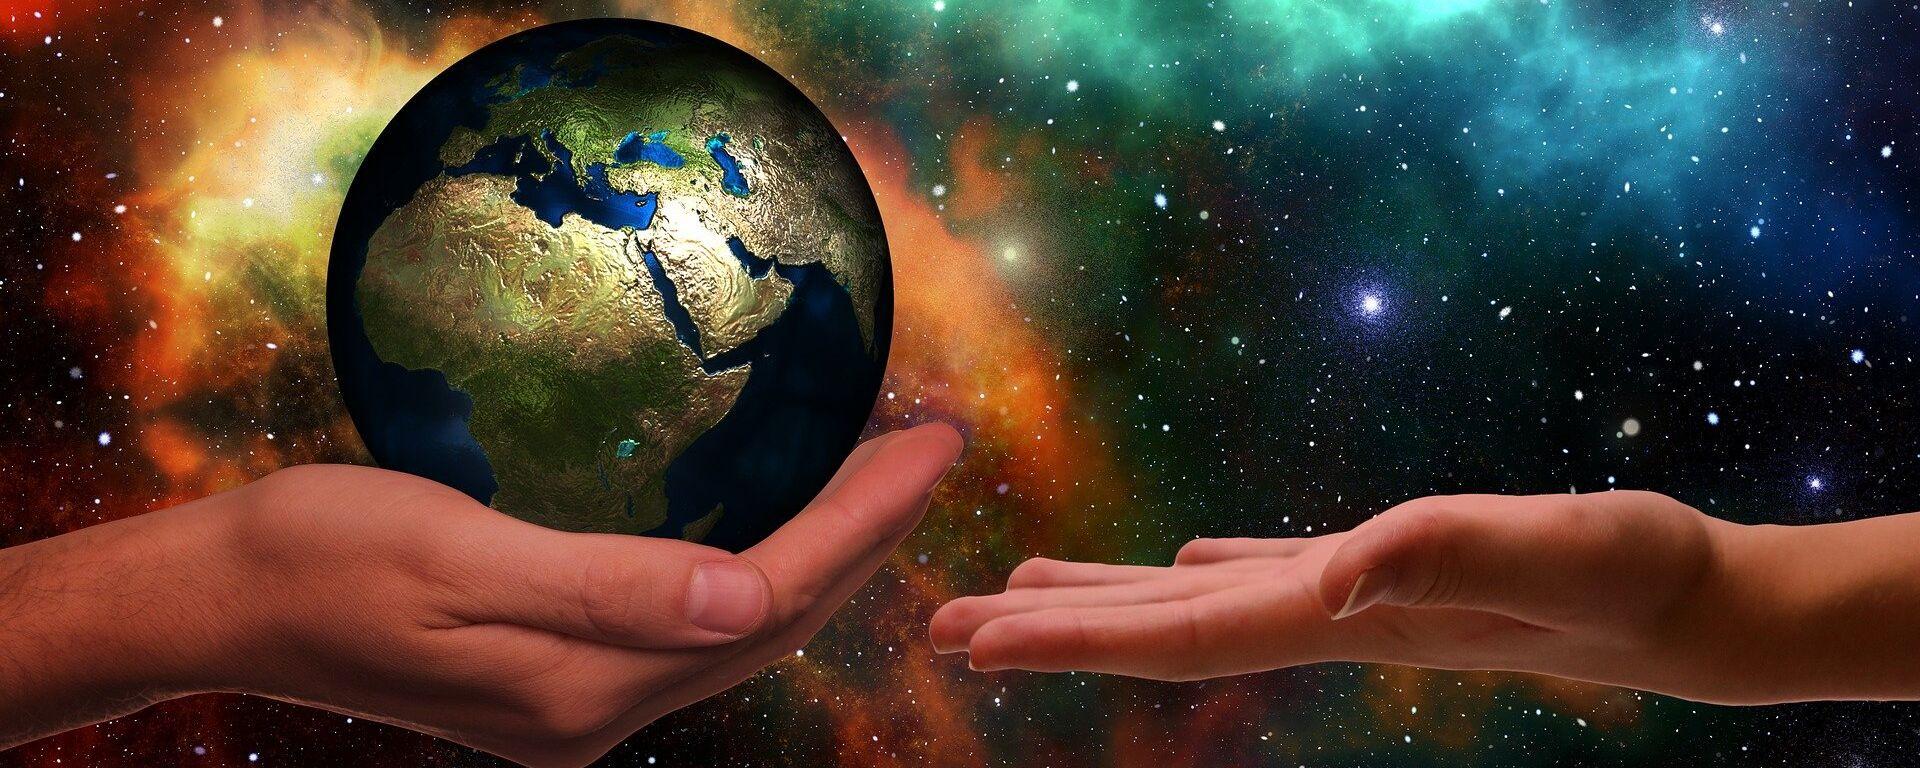 Cambio climático (imagen referencial) - Sputnik Mundo, 1920, 08.08.2021